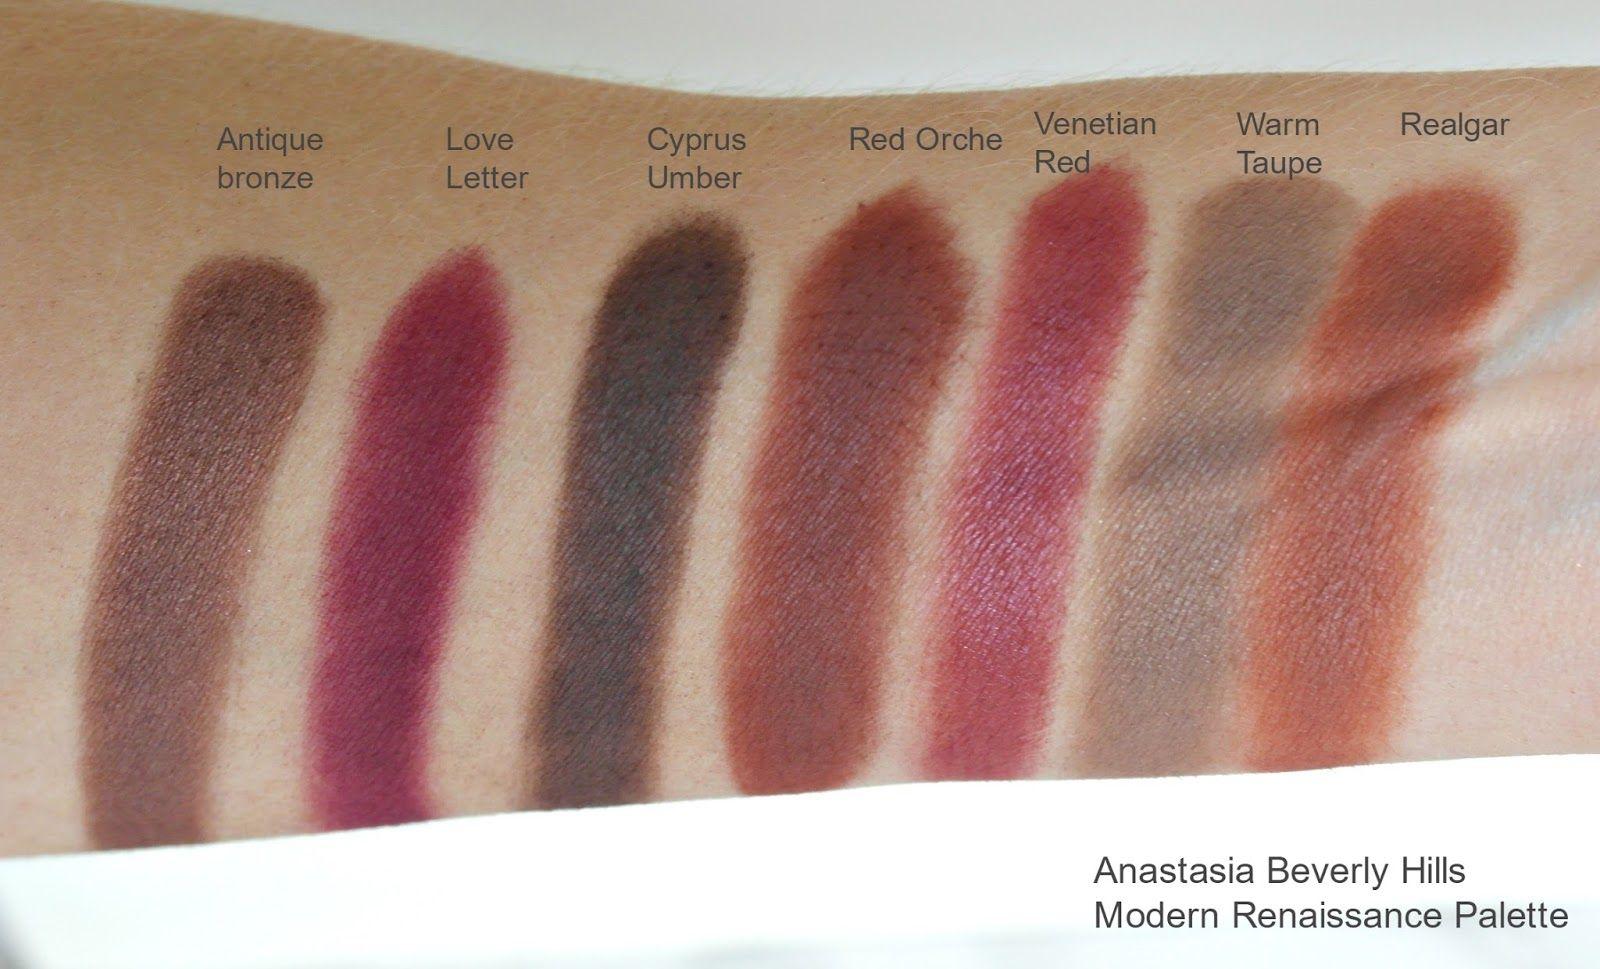 Modern Renaissance Eyeshadow Palette by Anastasia Beverly Hills #4